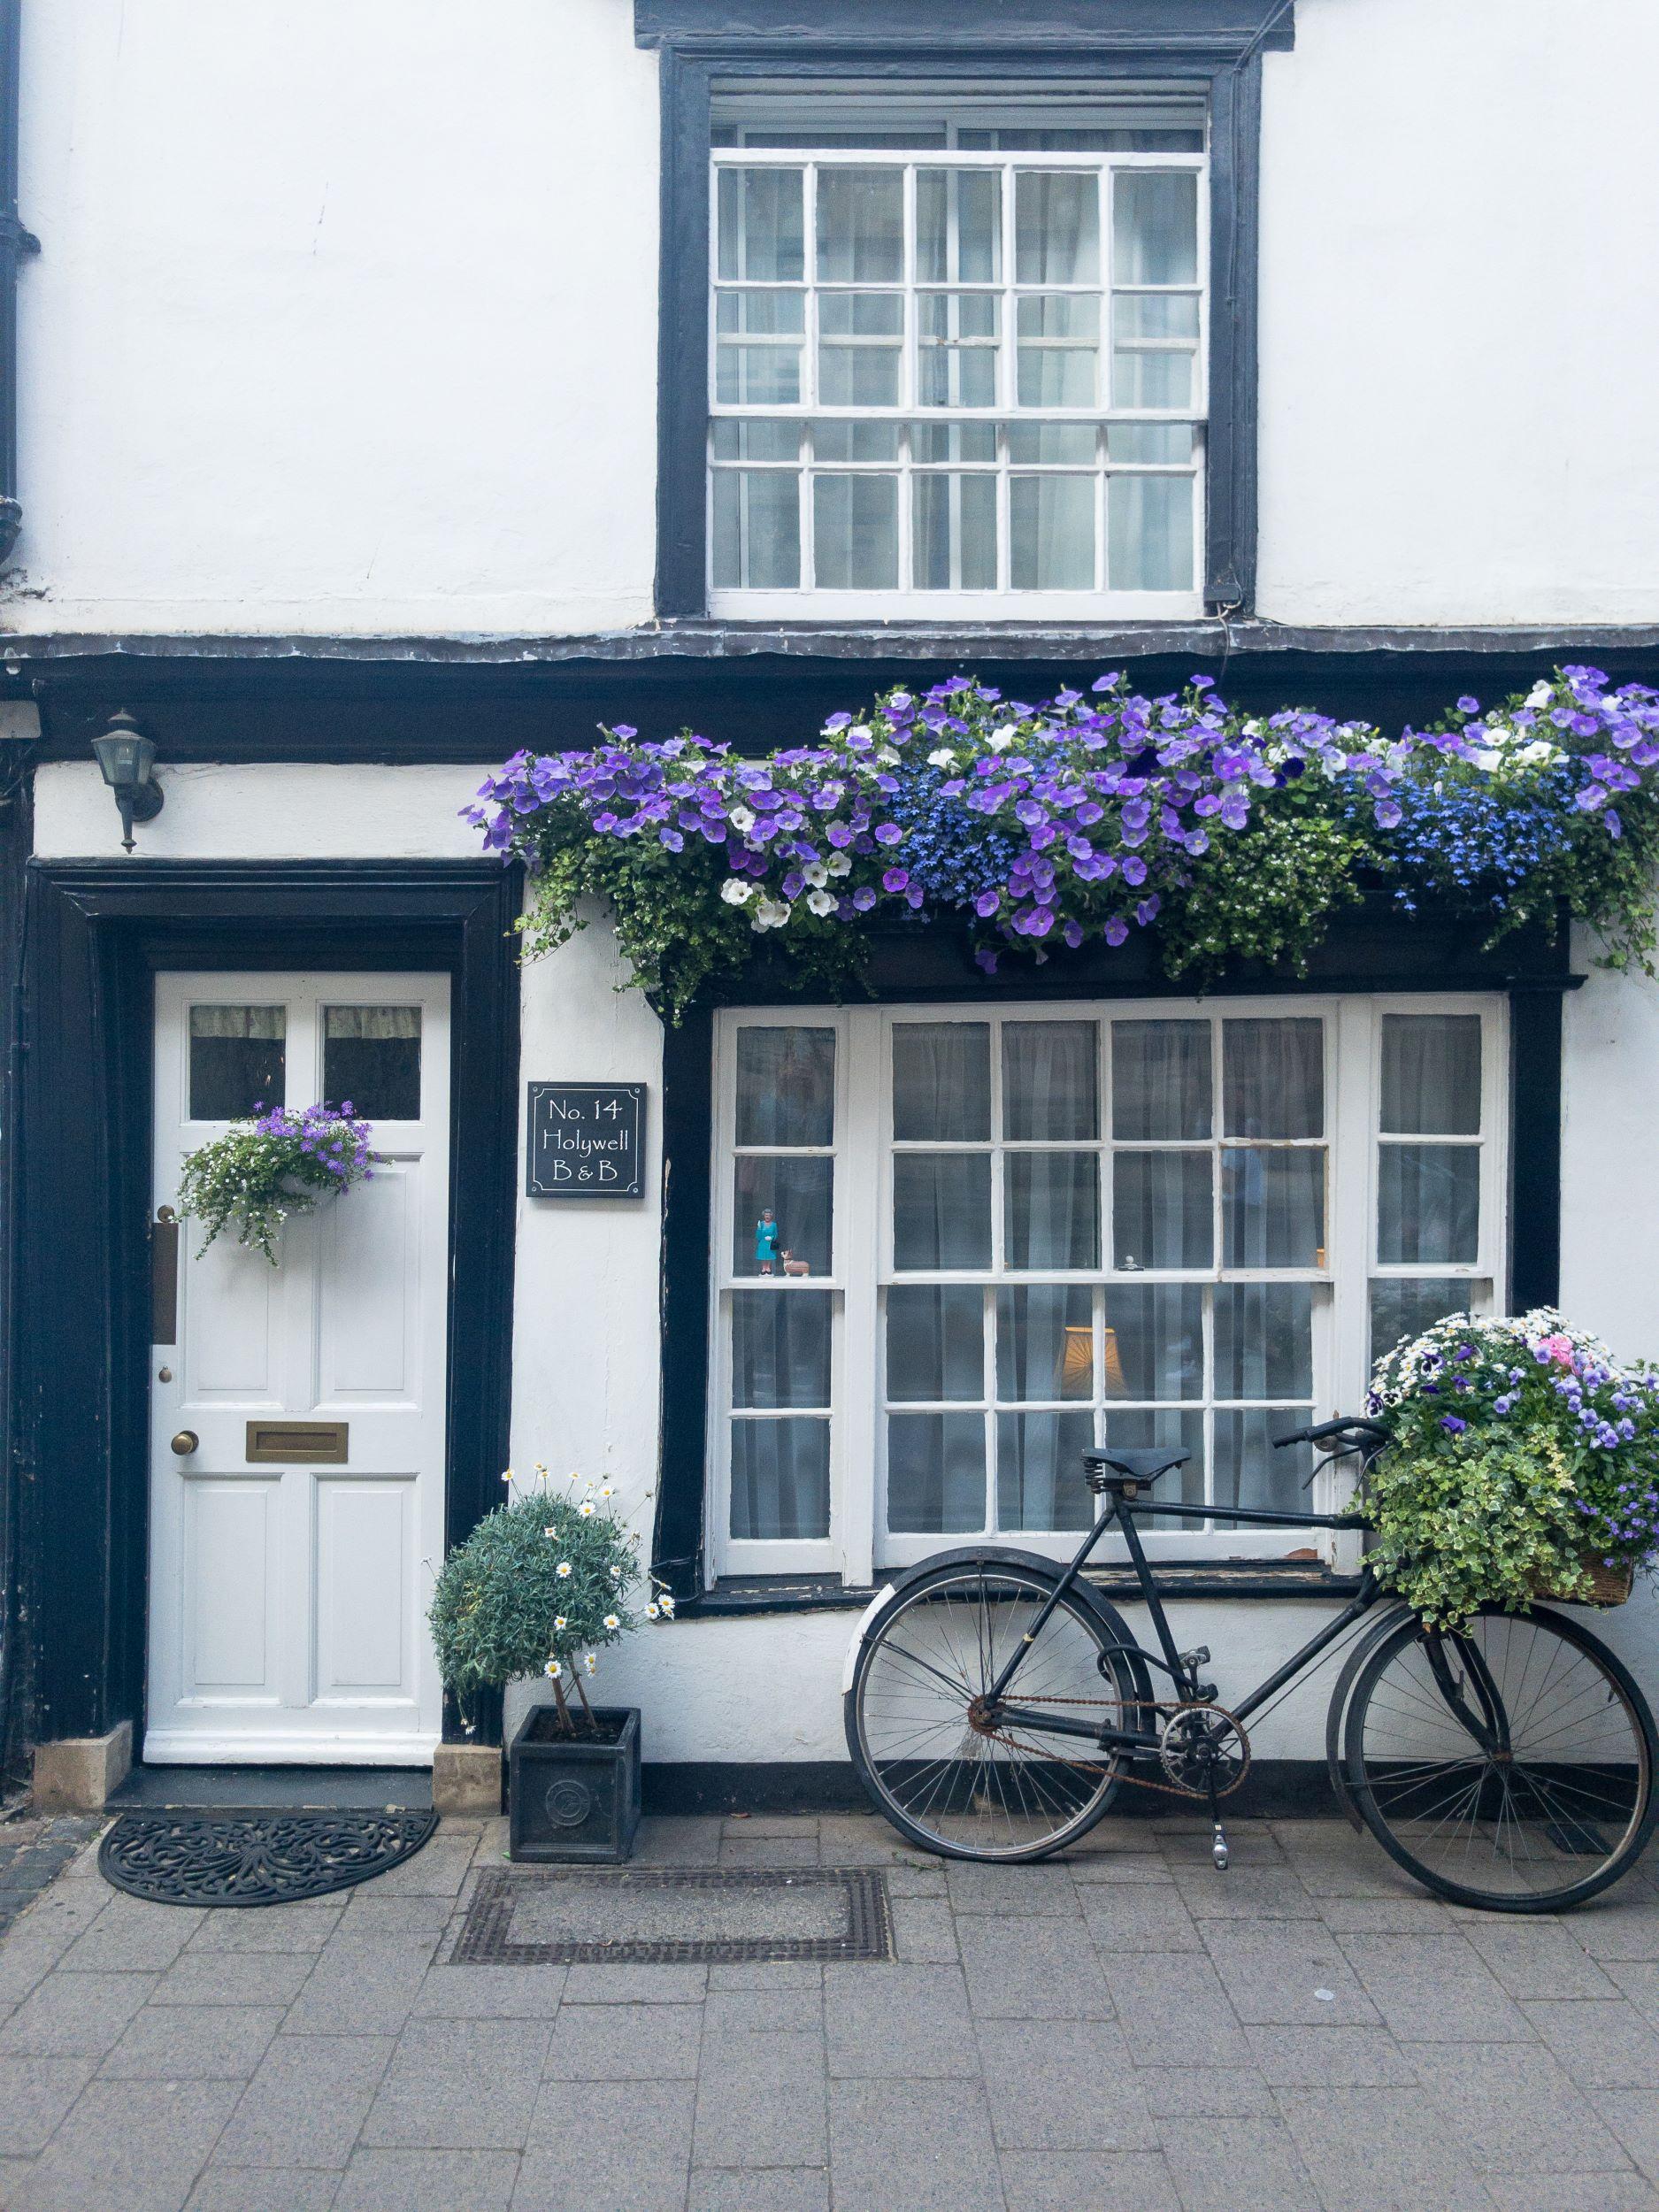 Oxford Pretty Houses Travel.jpg